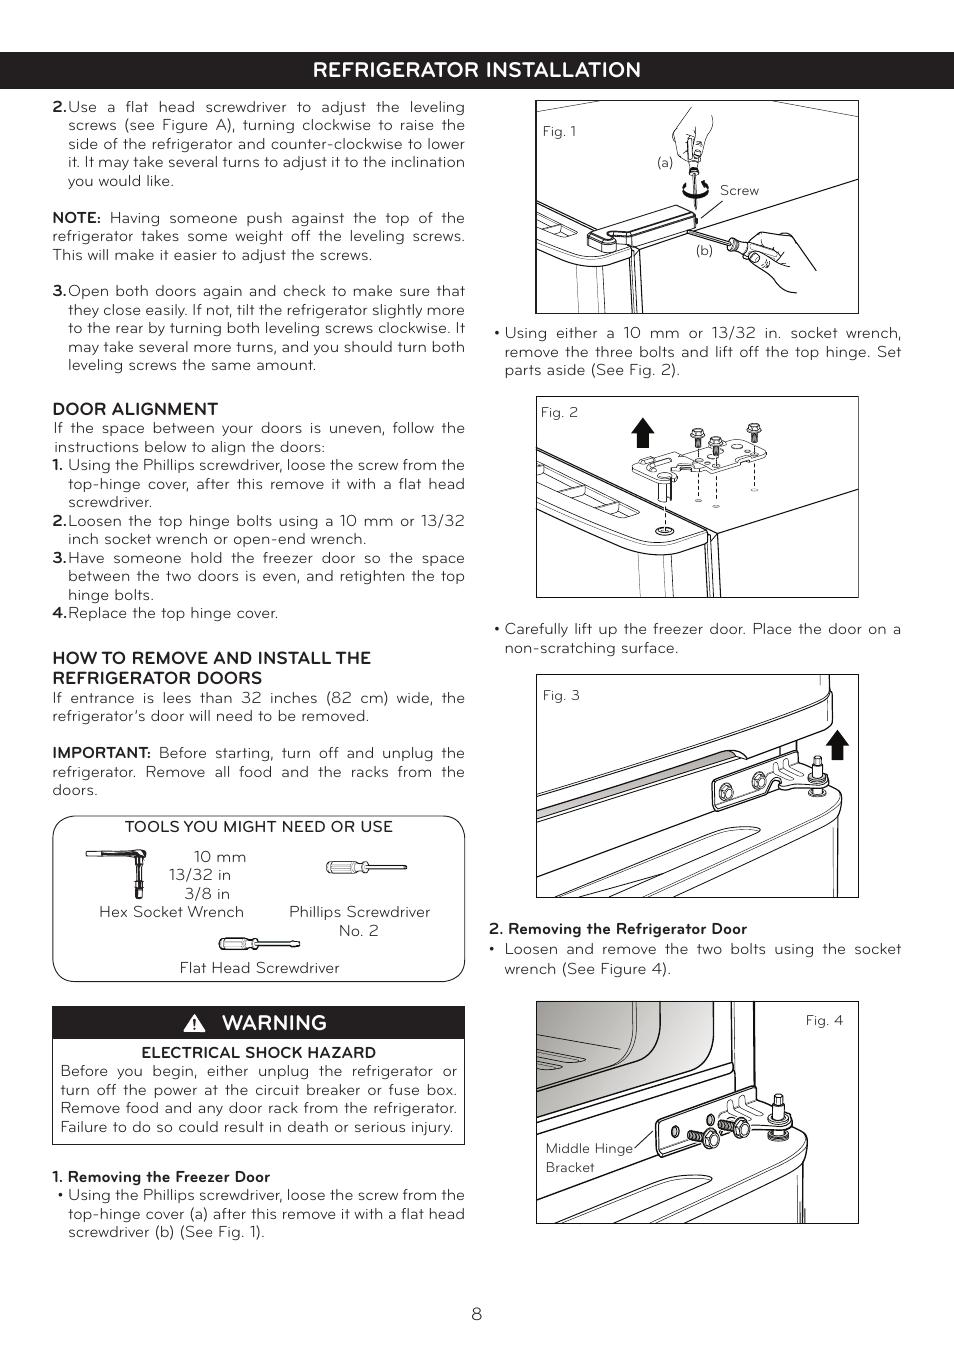 Warning, Refrigerator installation | LG LTN16385PL User Manual | Page 9 / 35